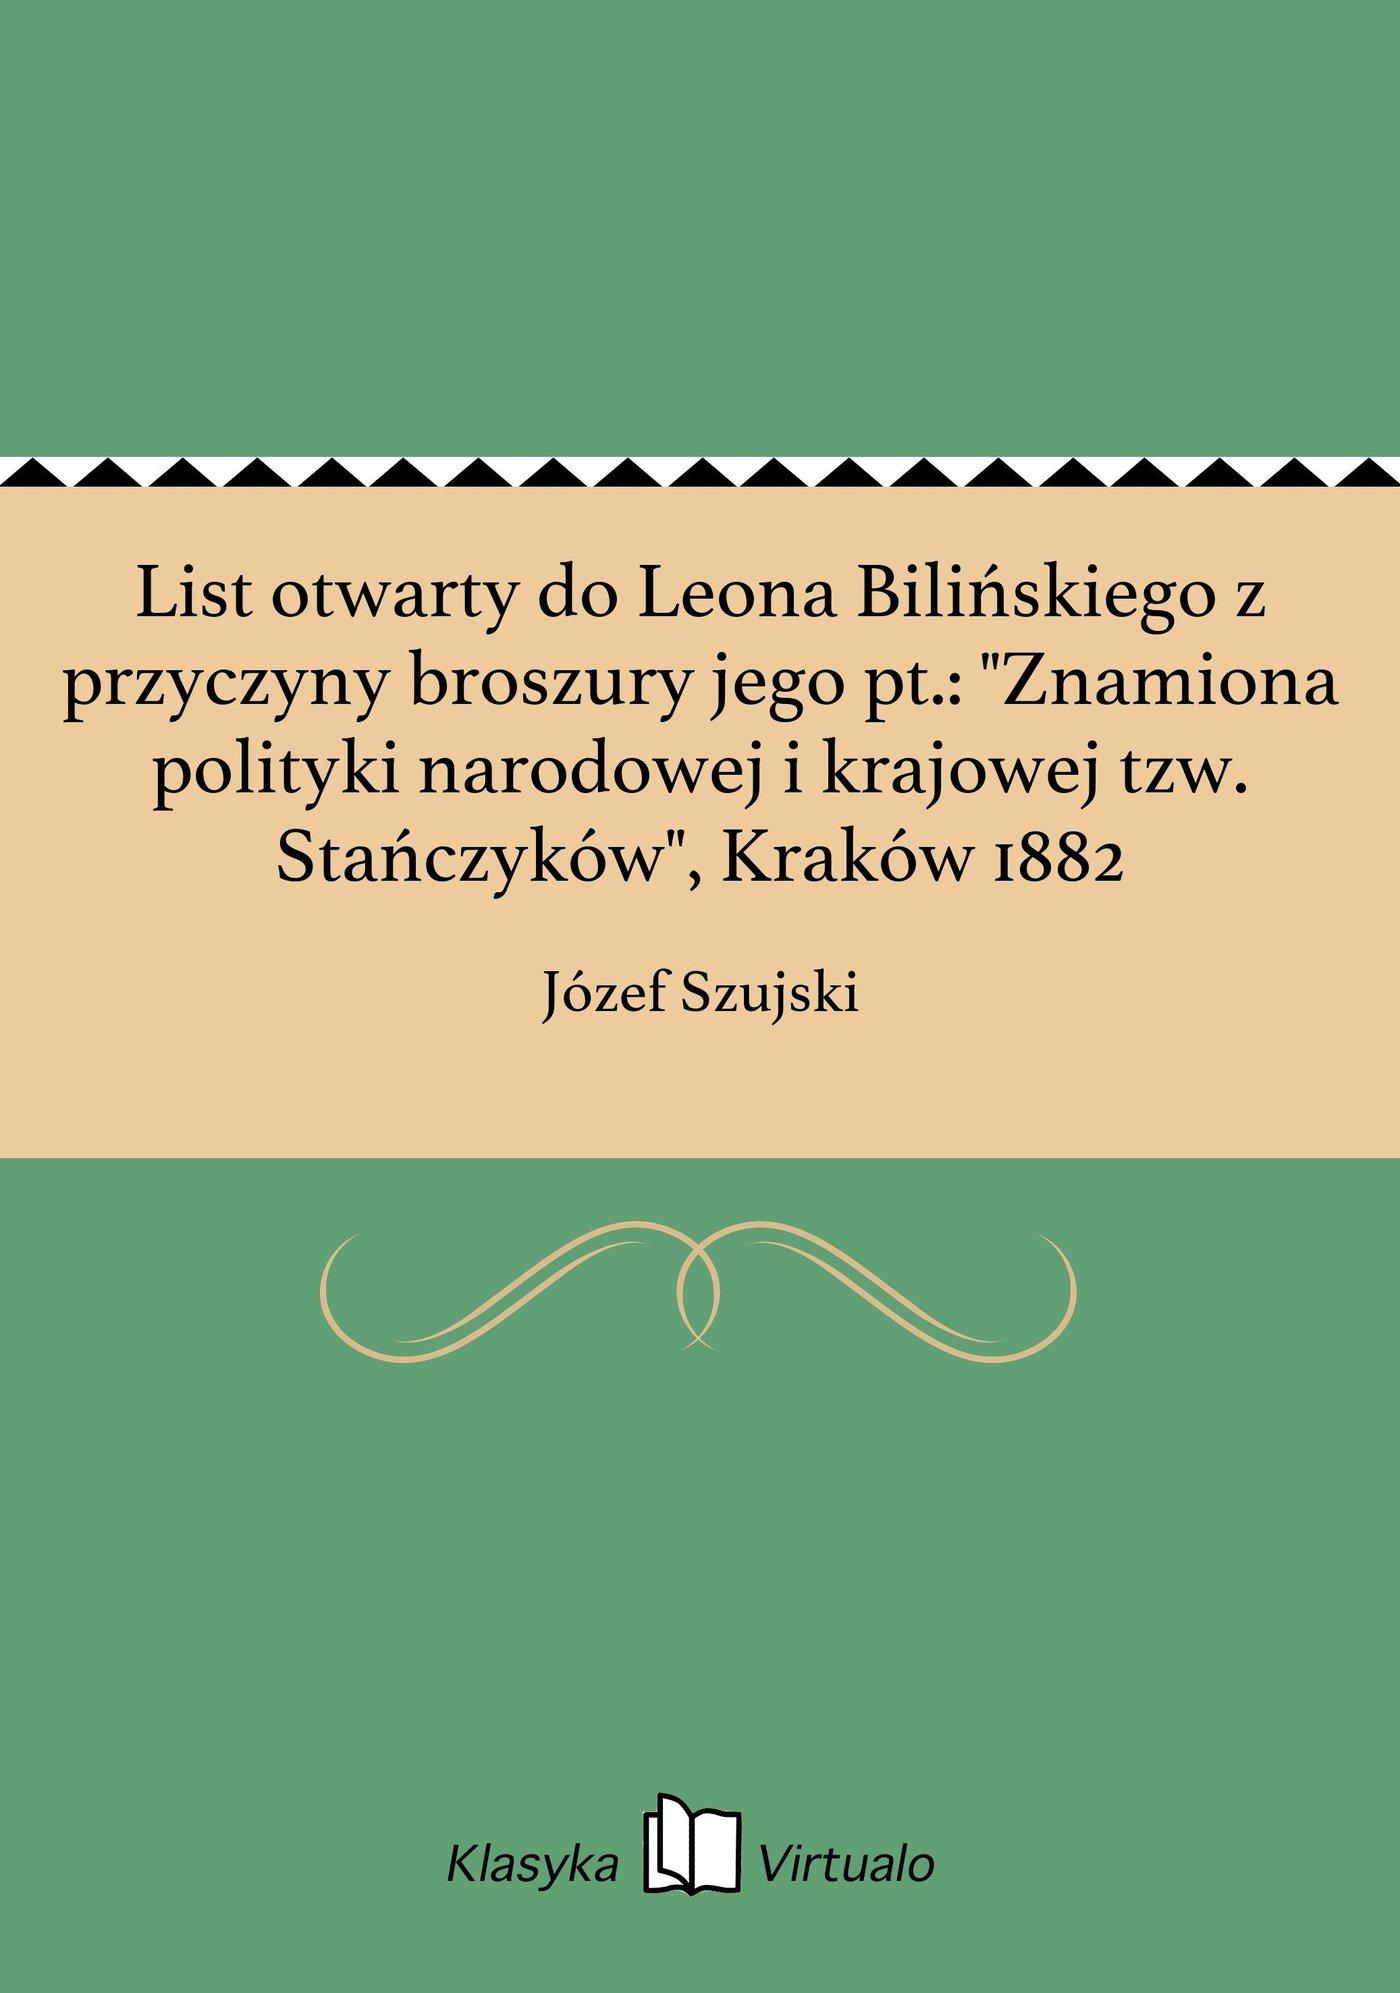 """List otwarty do Leona Bilińskiego z przyczyny broszury jego pt.: """"Znamiona polityki narodowej i krajowej tzw. Stańczyków"""", Kraków 1882 - Ebook (Książka EPUB) do pobrania w formacie EPUB"""